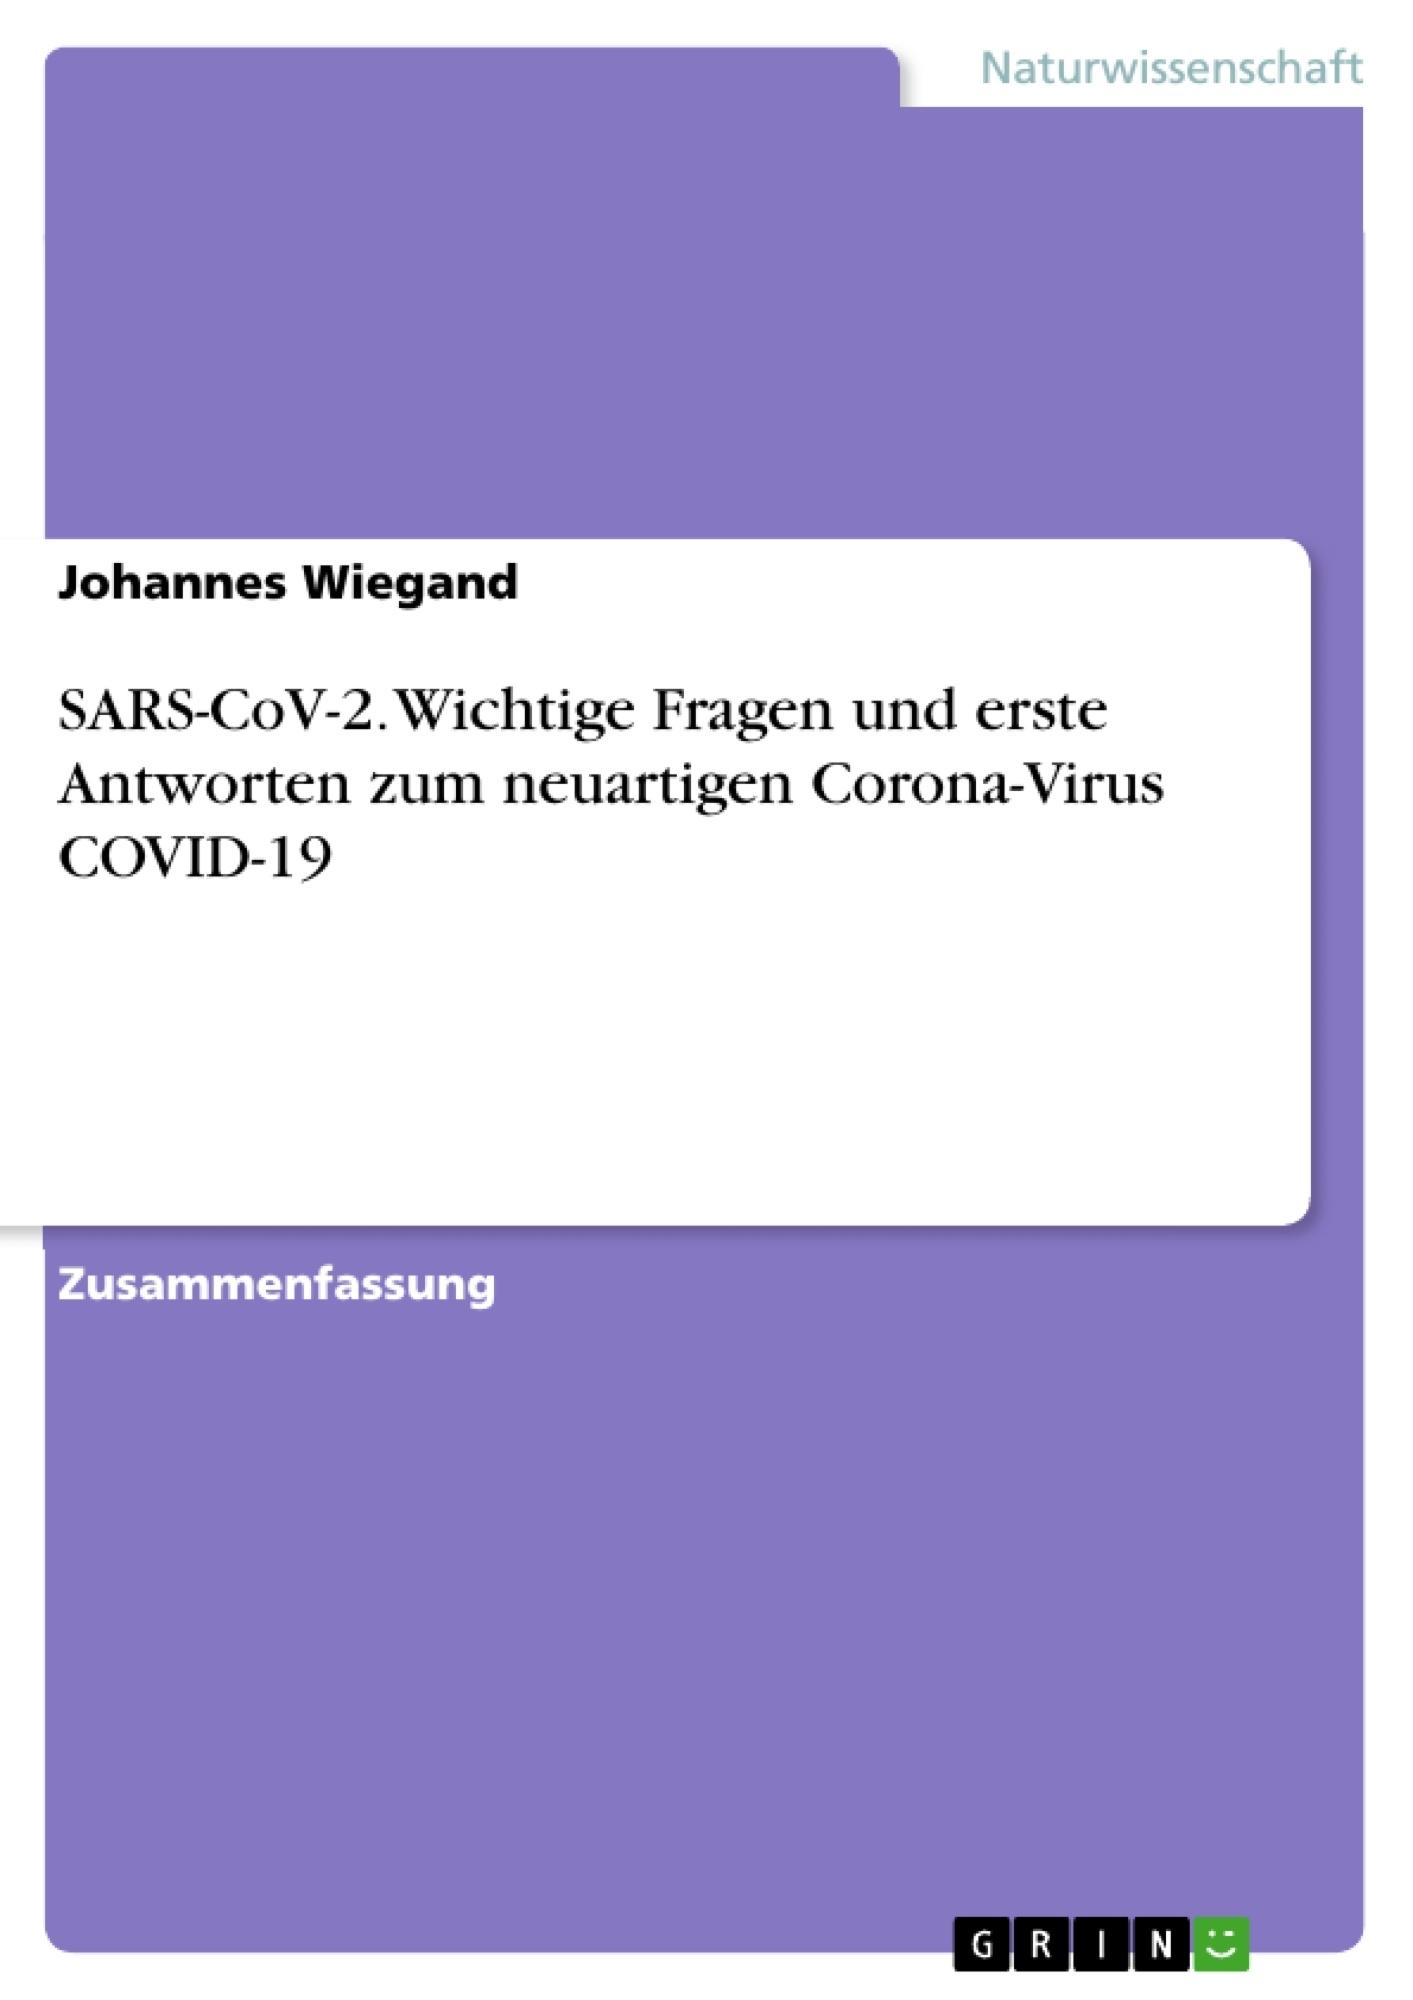 Titel: SARS-CoV-2. Wichtige Fragen und erste Antworten zum neuartigen Corona-Virus COVID-19